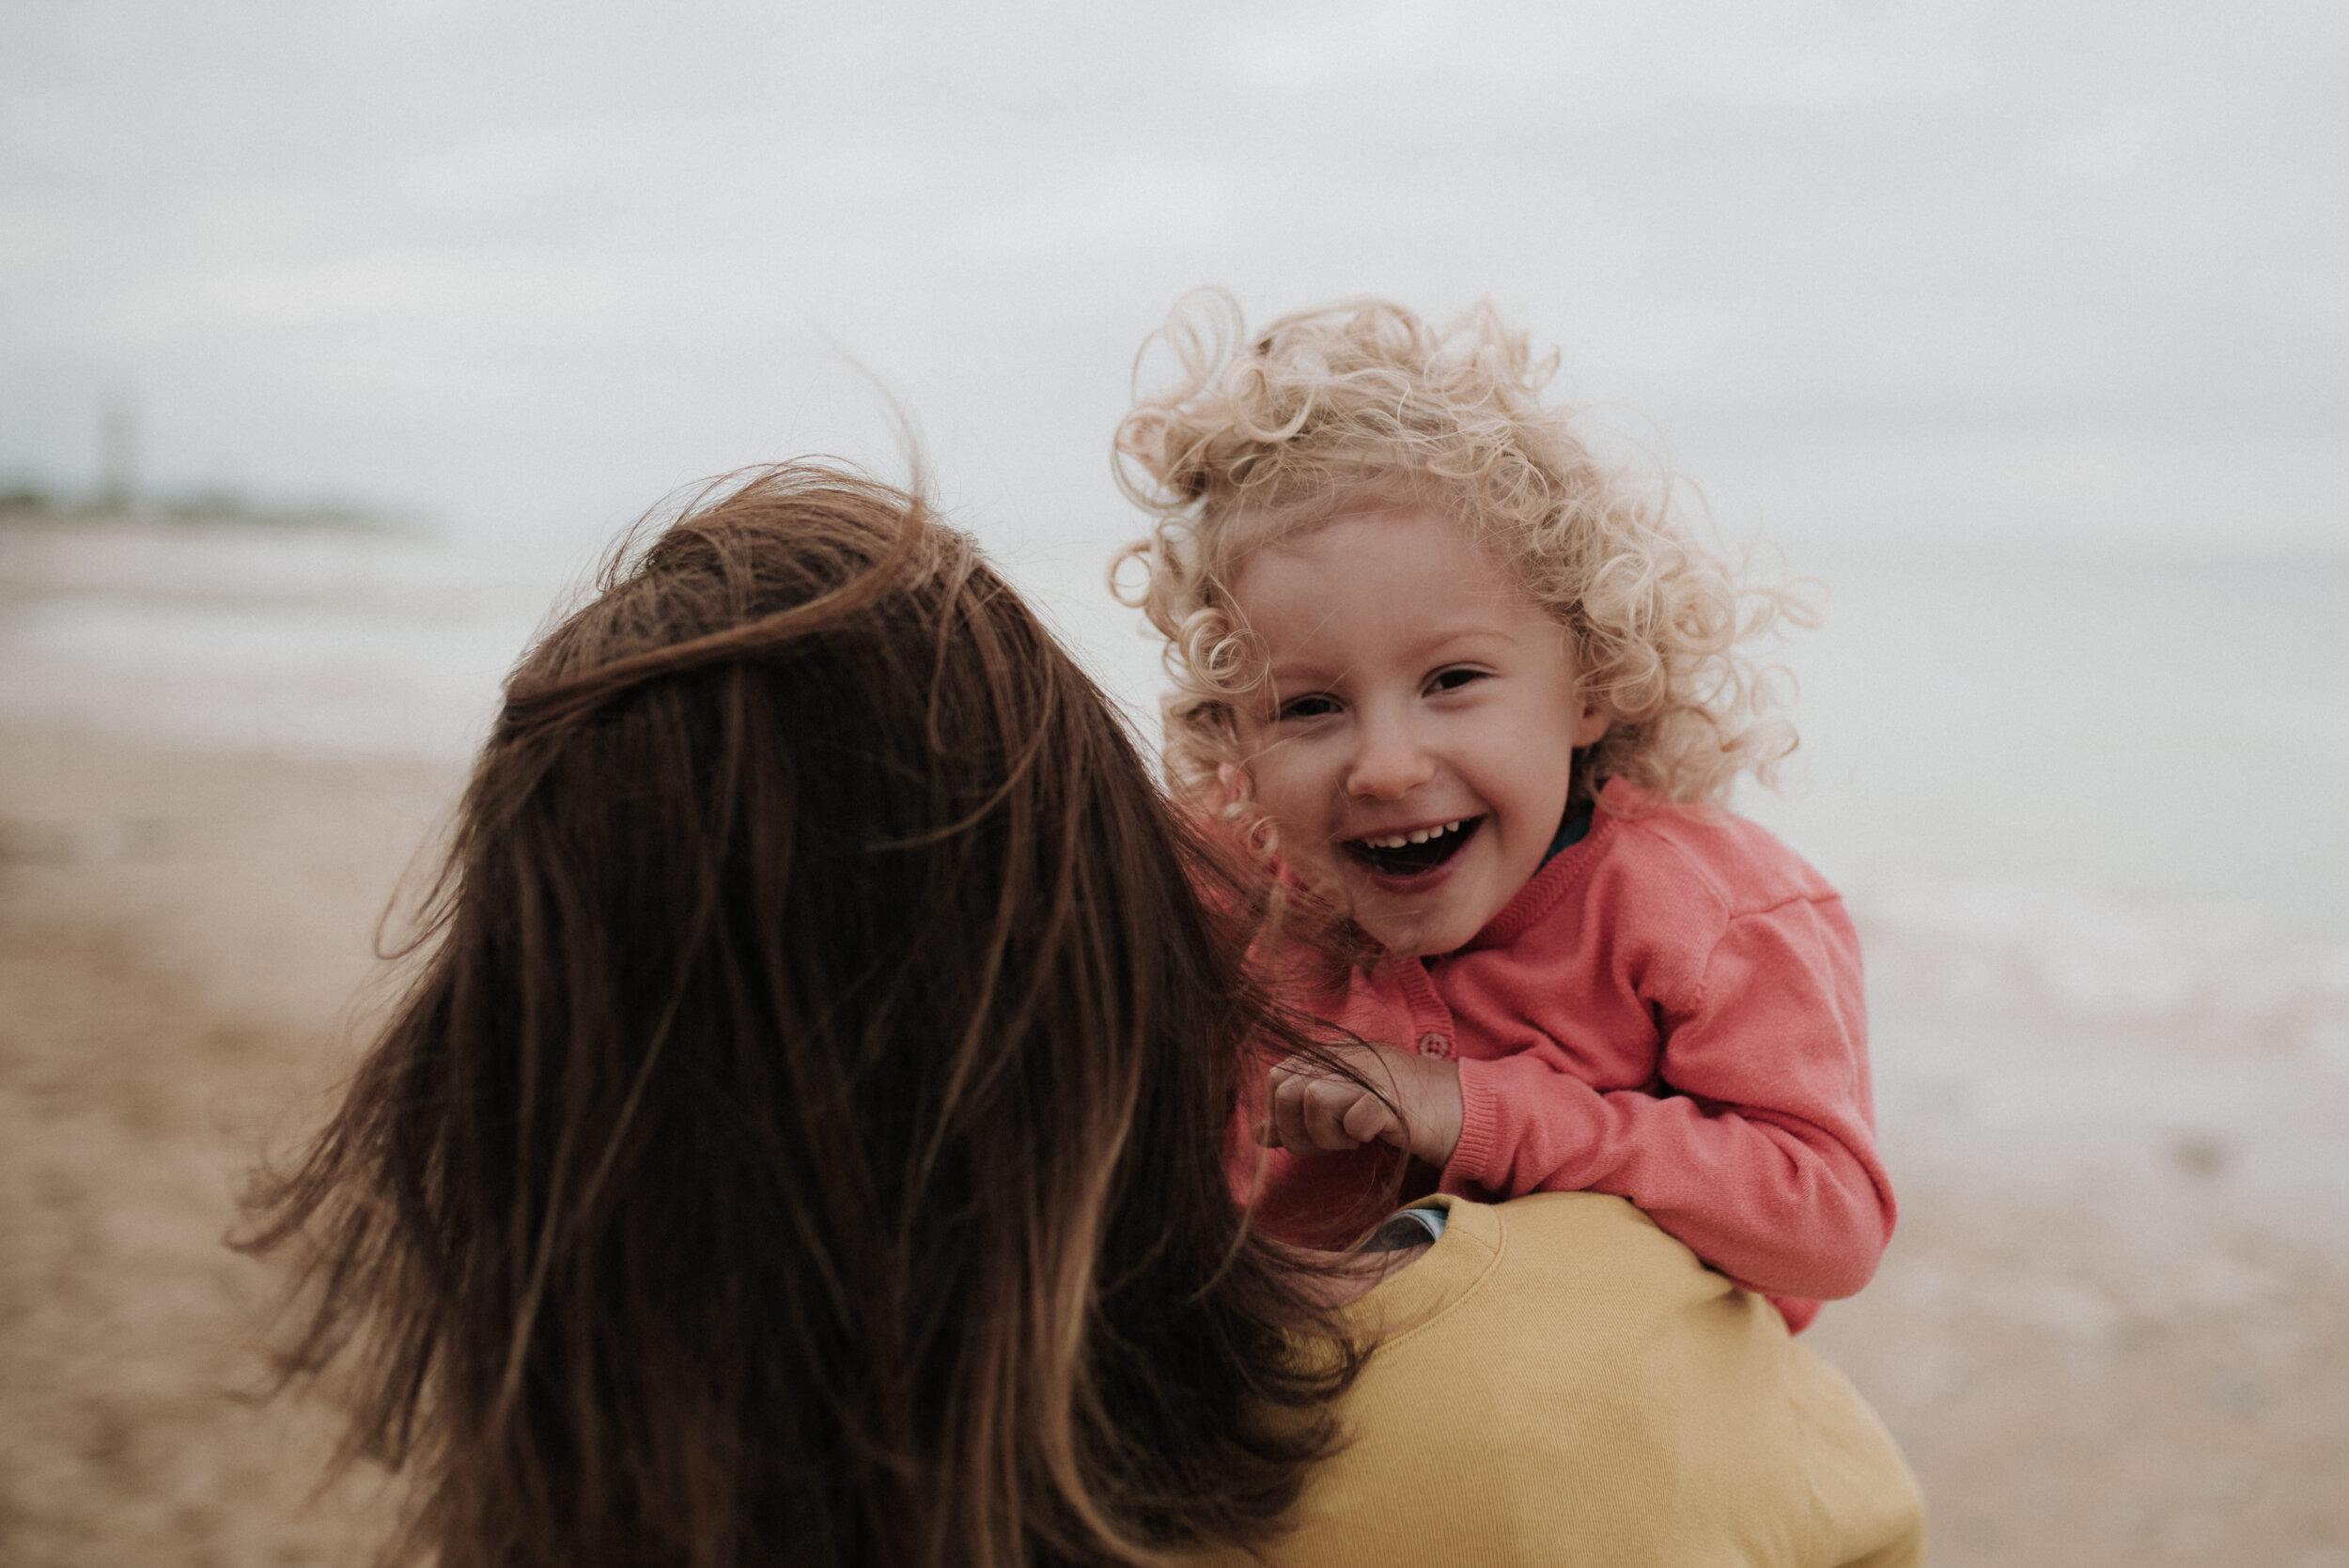 Léa-Fery-photographe-professionnel-lyon-rhone-alpes-portrait-creation-mariage-evenement-evenementiel-famille-2594.jpg